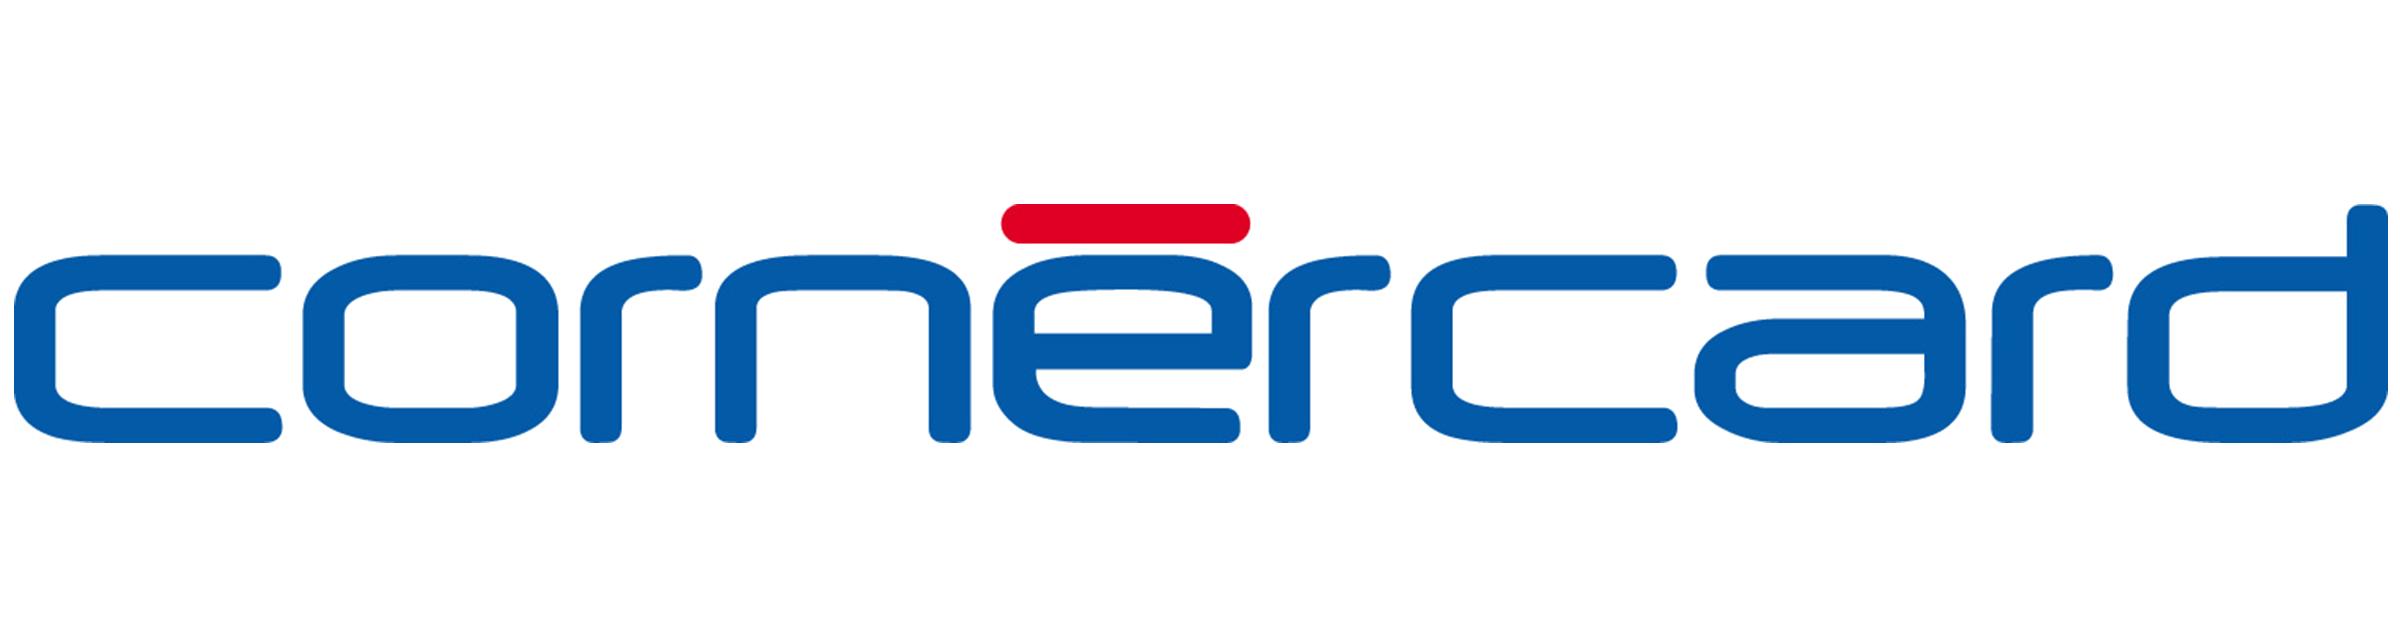 cornercard_logo